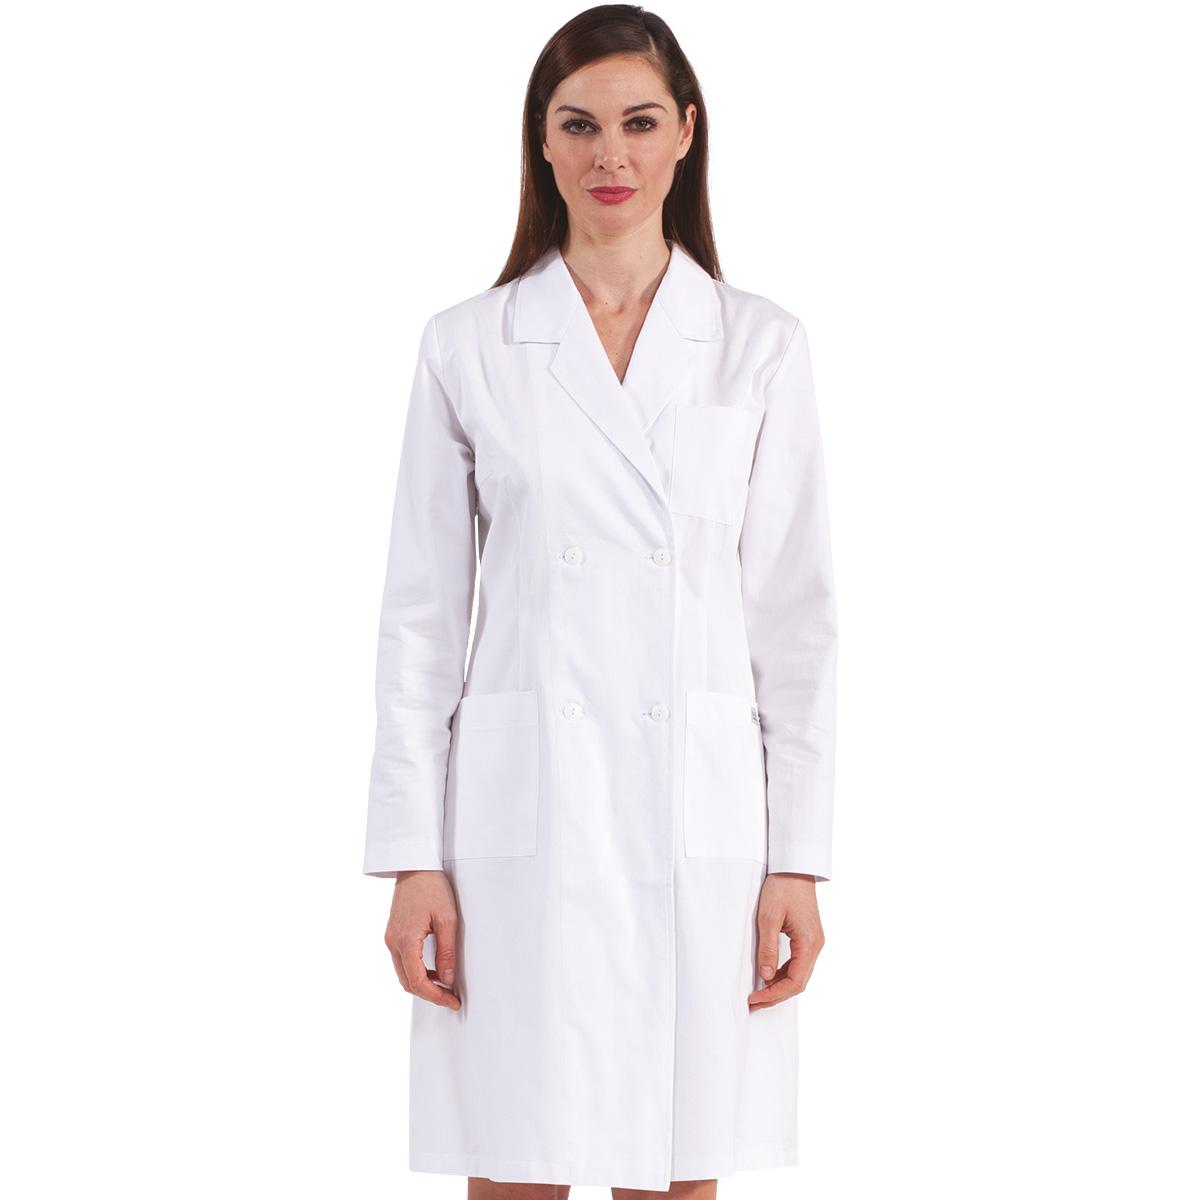 doc-camice-doppiopetto-dottore-farmacista